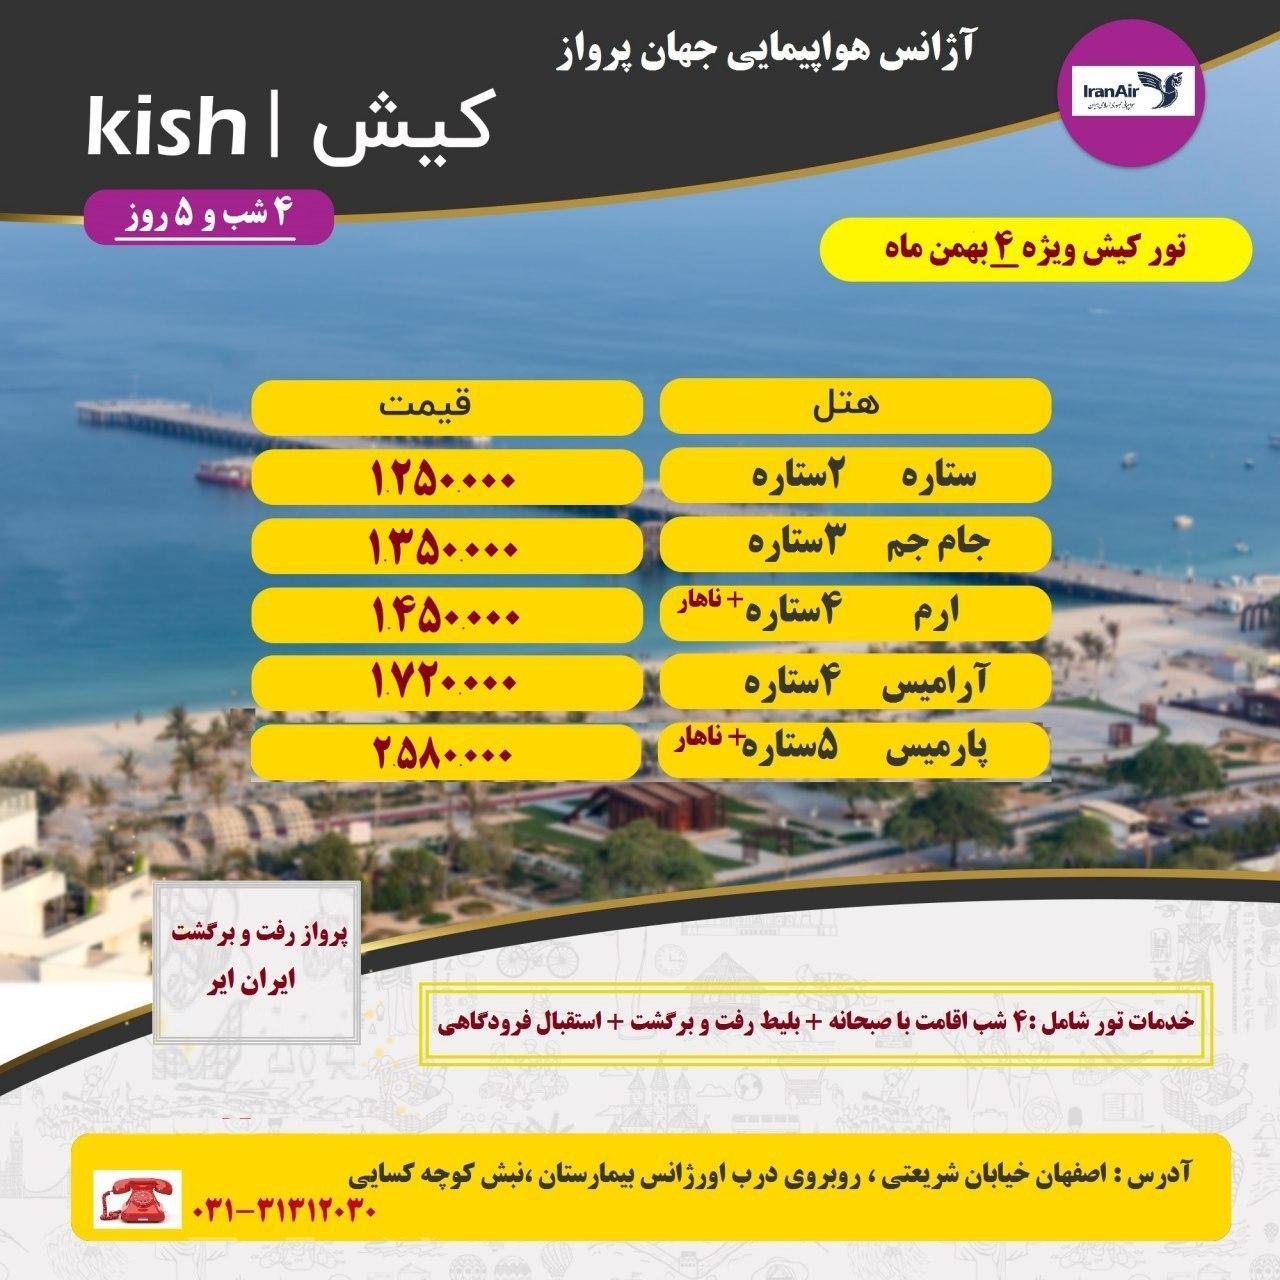 تور کیش از اصفهان ویژه 4 بهمن با پرواز ایران ایر